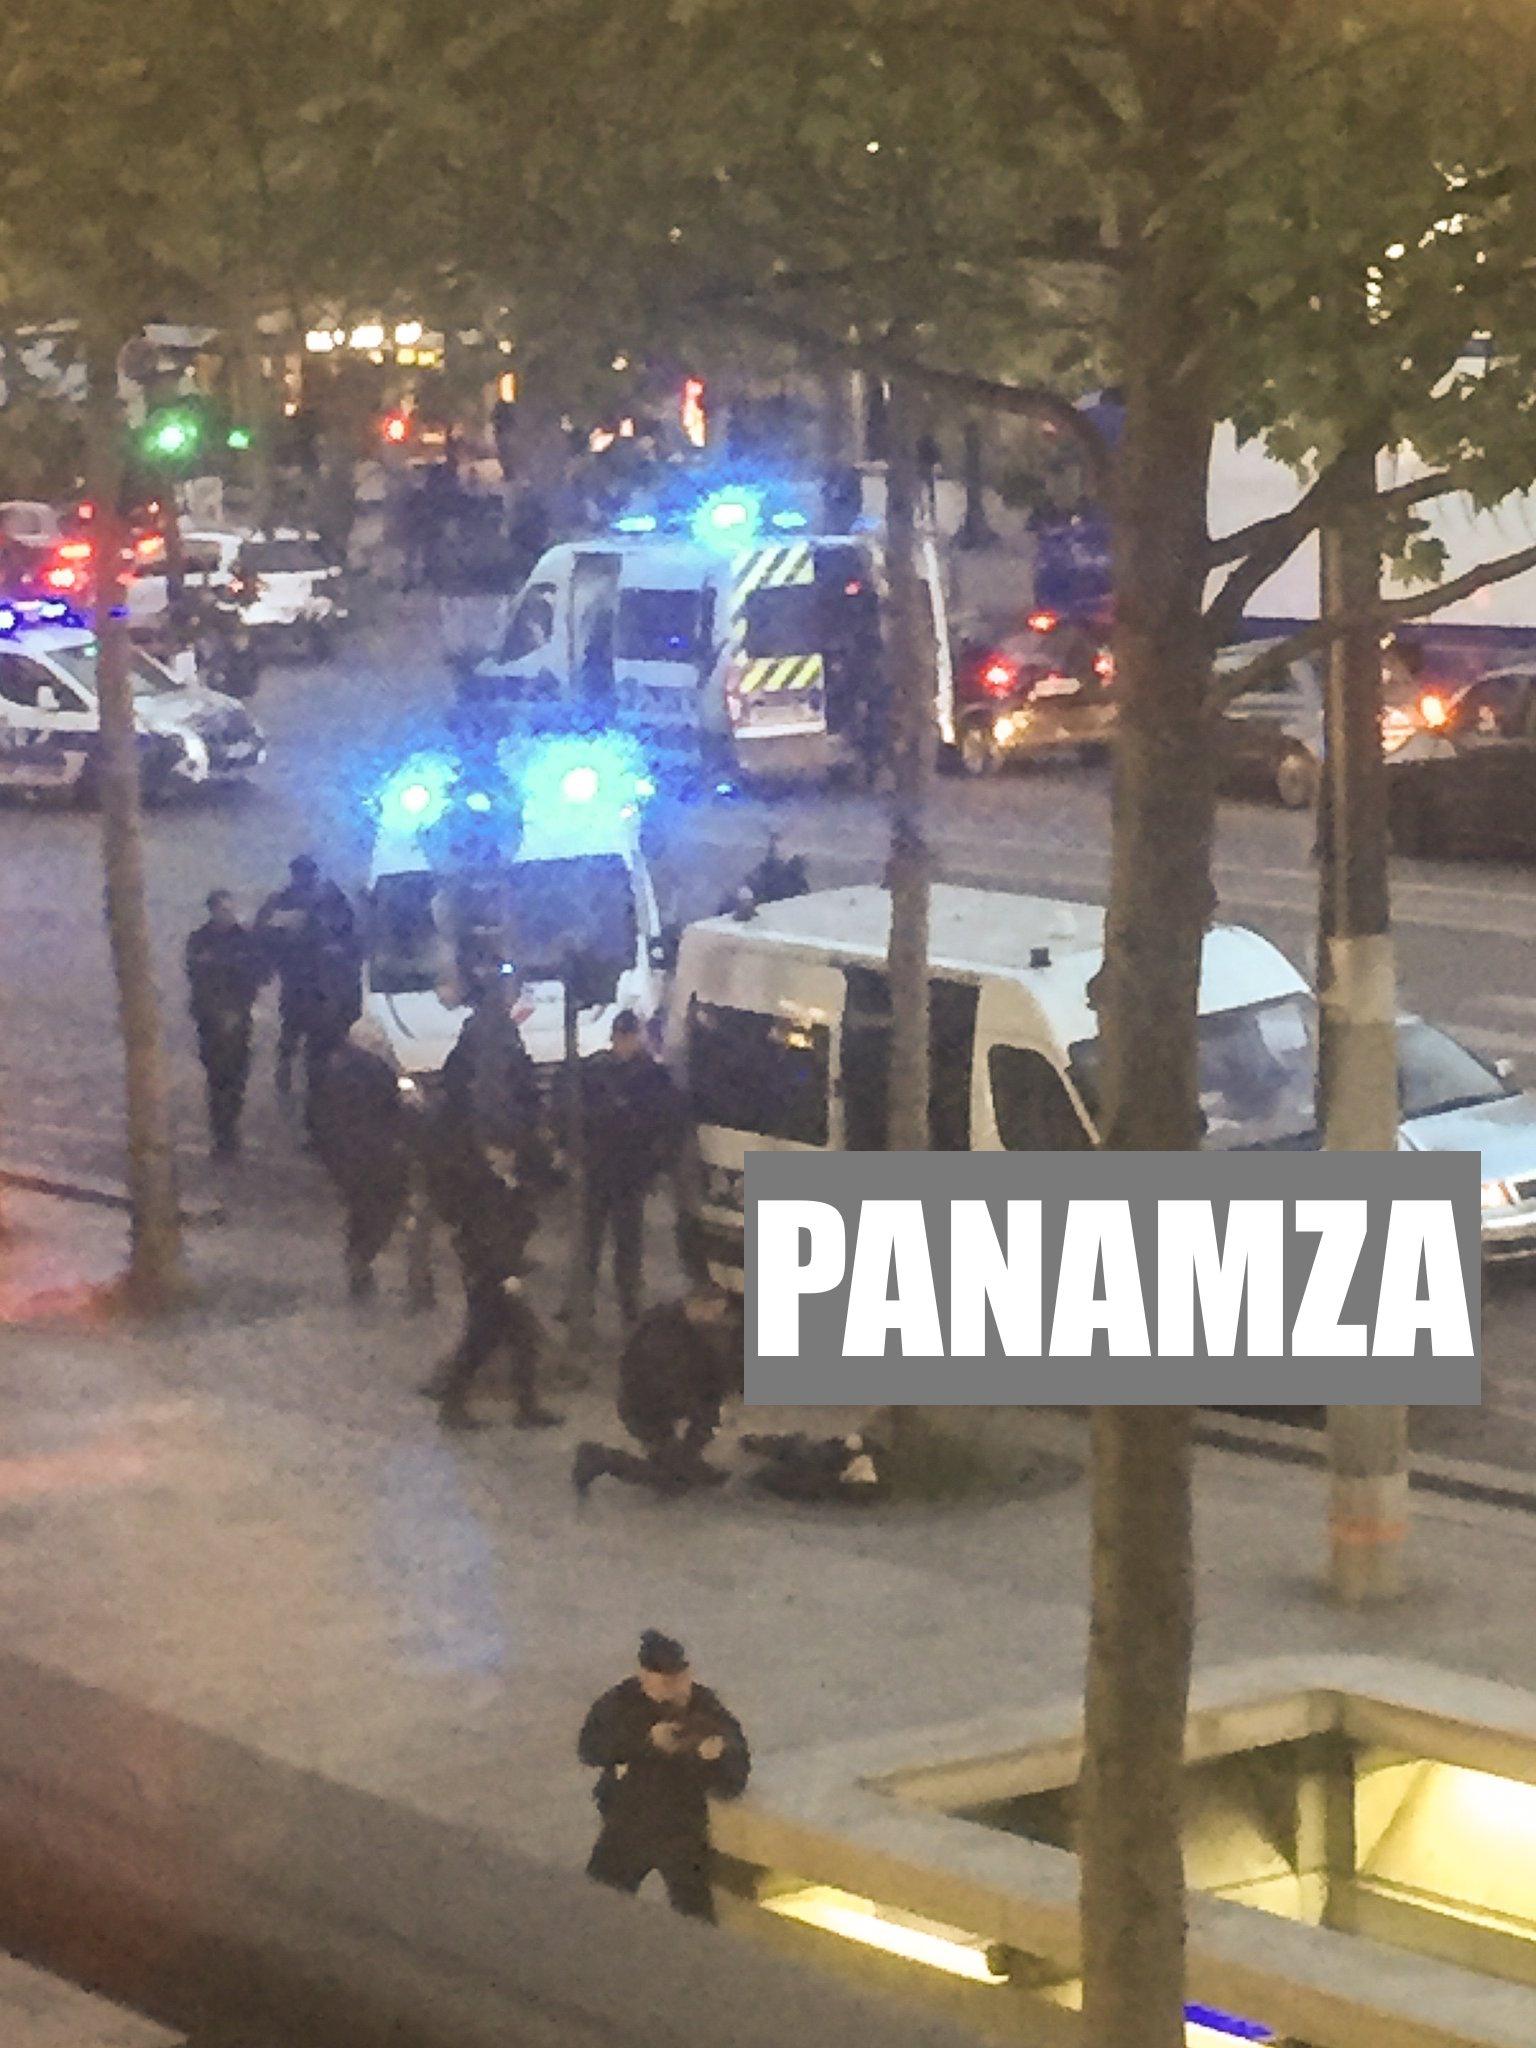 Champs-Élysées : la vidéo intégrale de l'attaque provient d'un ami de Trump et Netanyahou